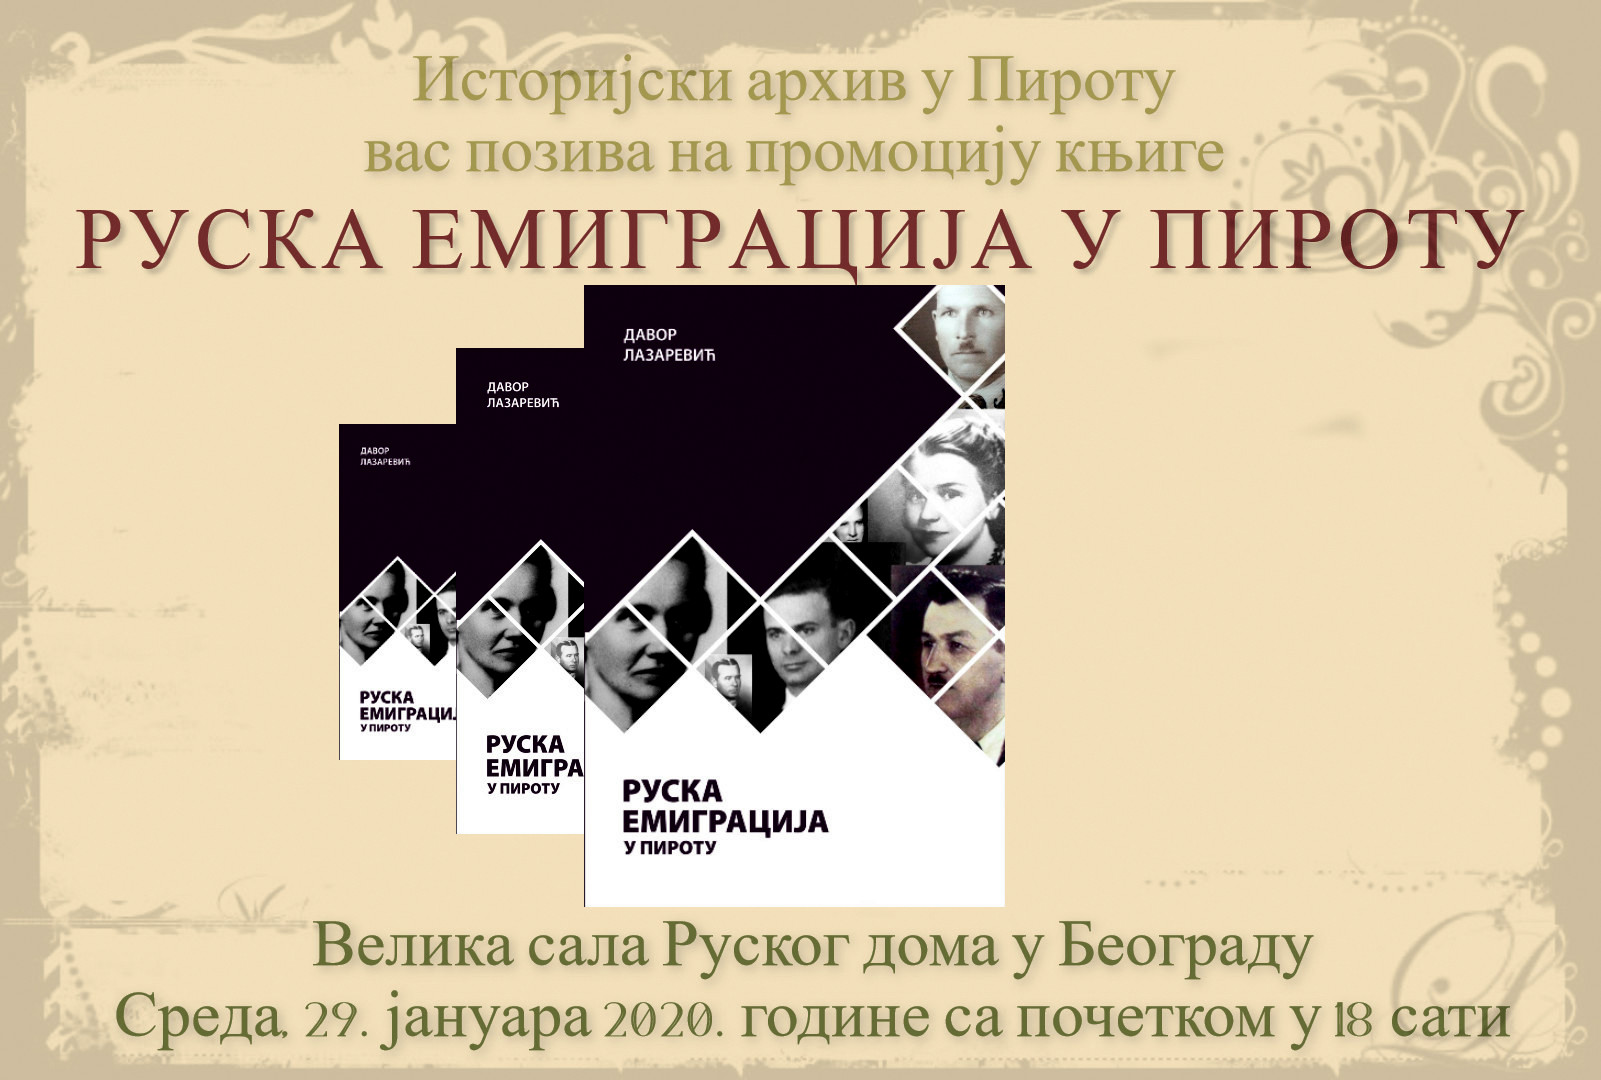 Photo of Ruski dom u Beogradu: Promocija knjige o ruskoj emigraciji u Pirotu